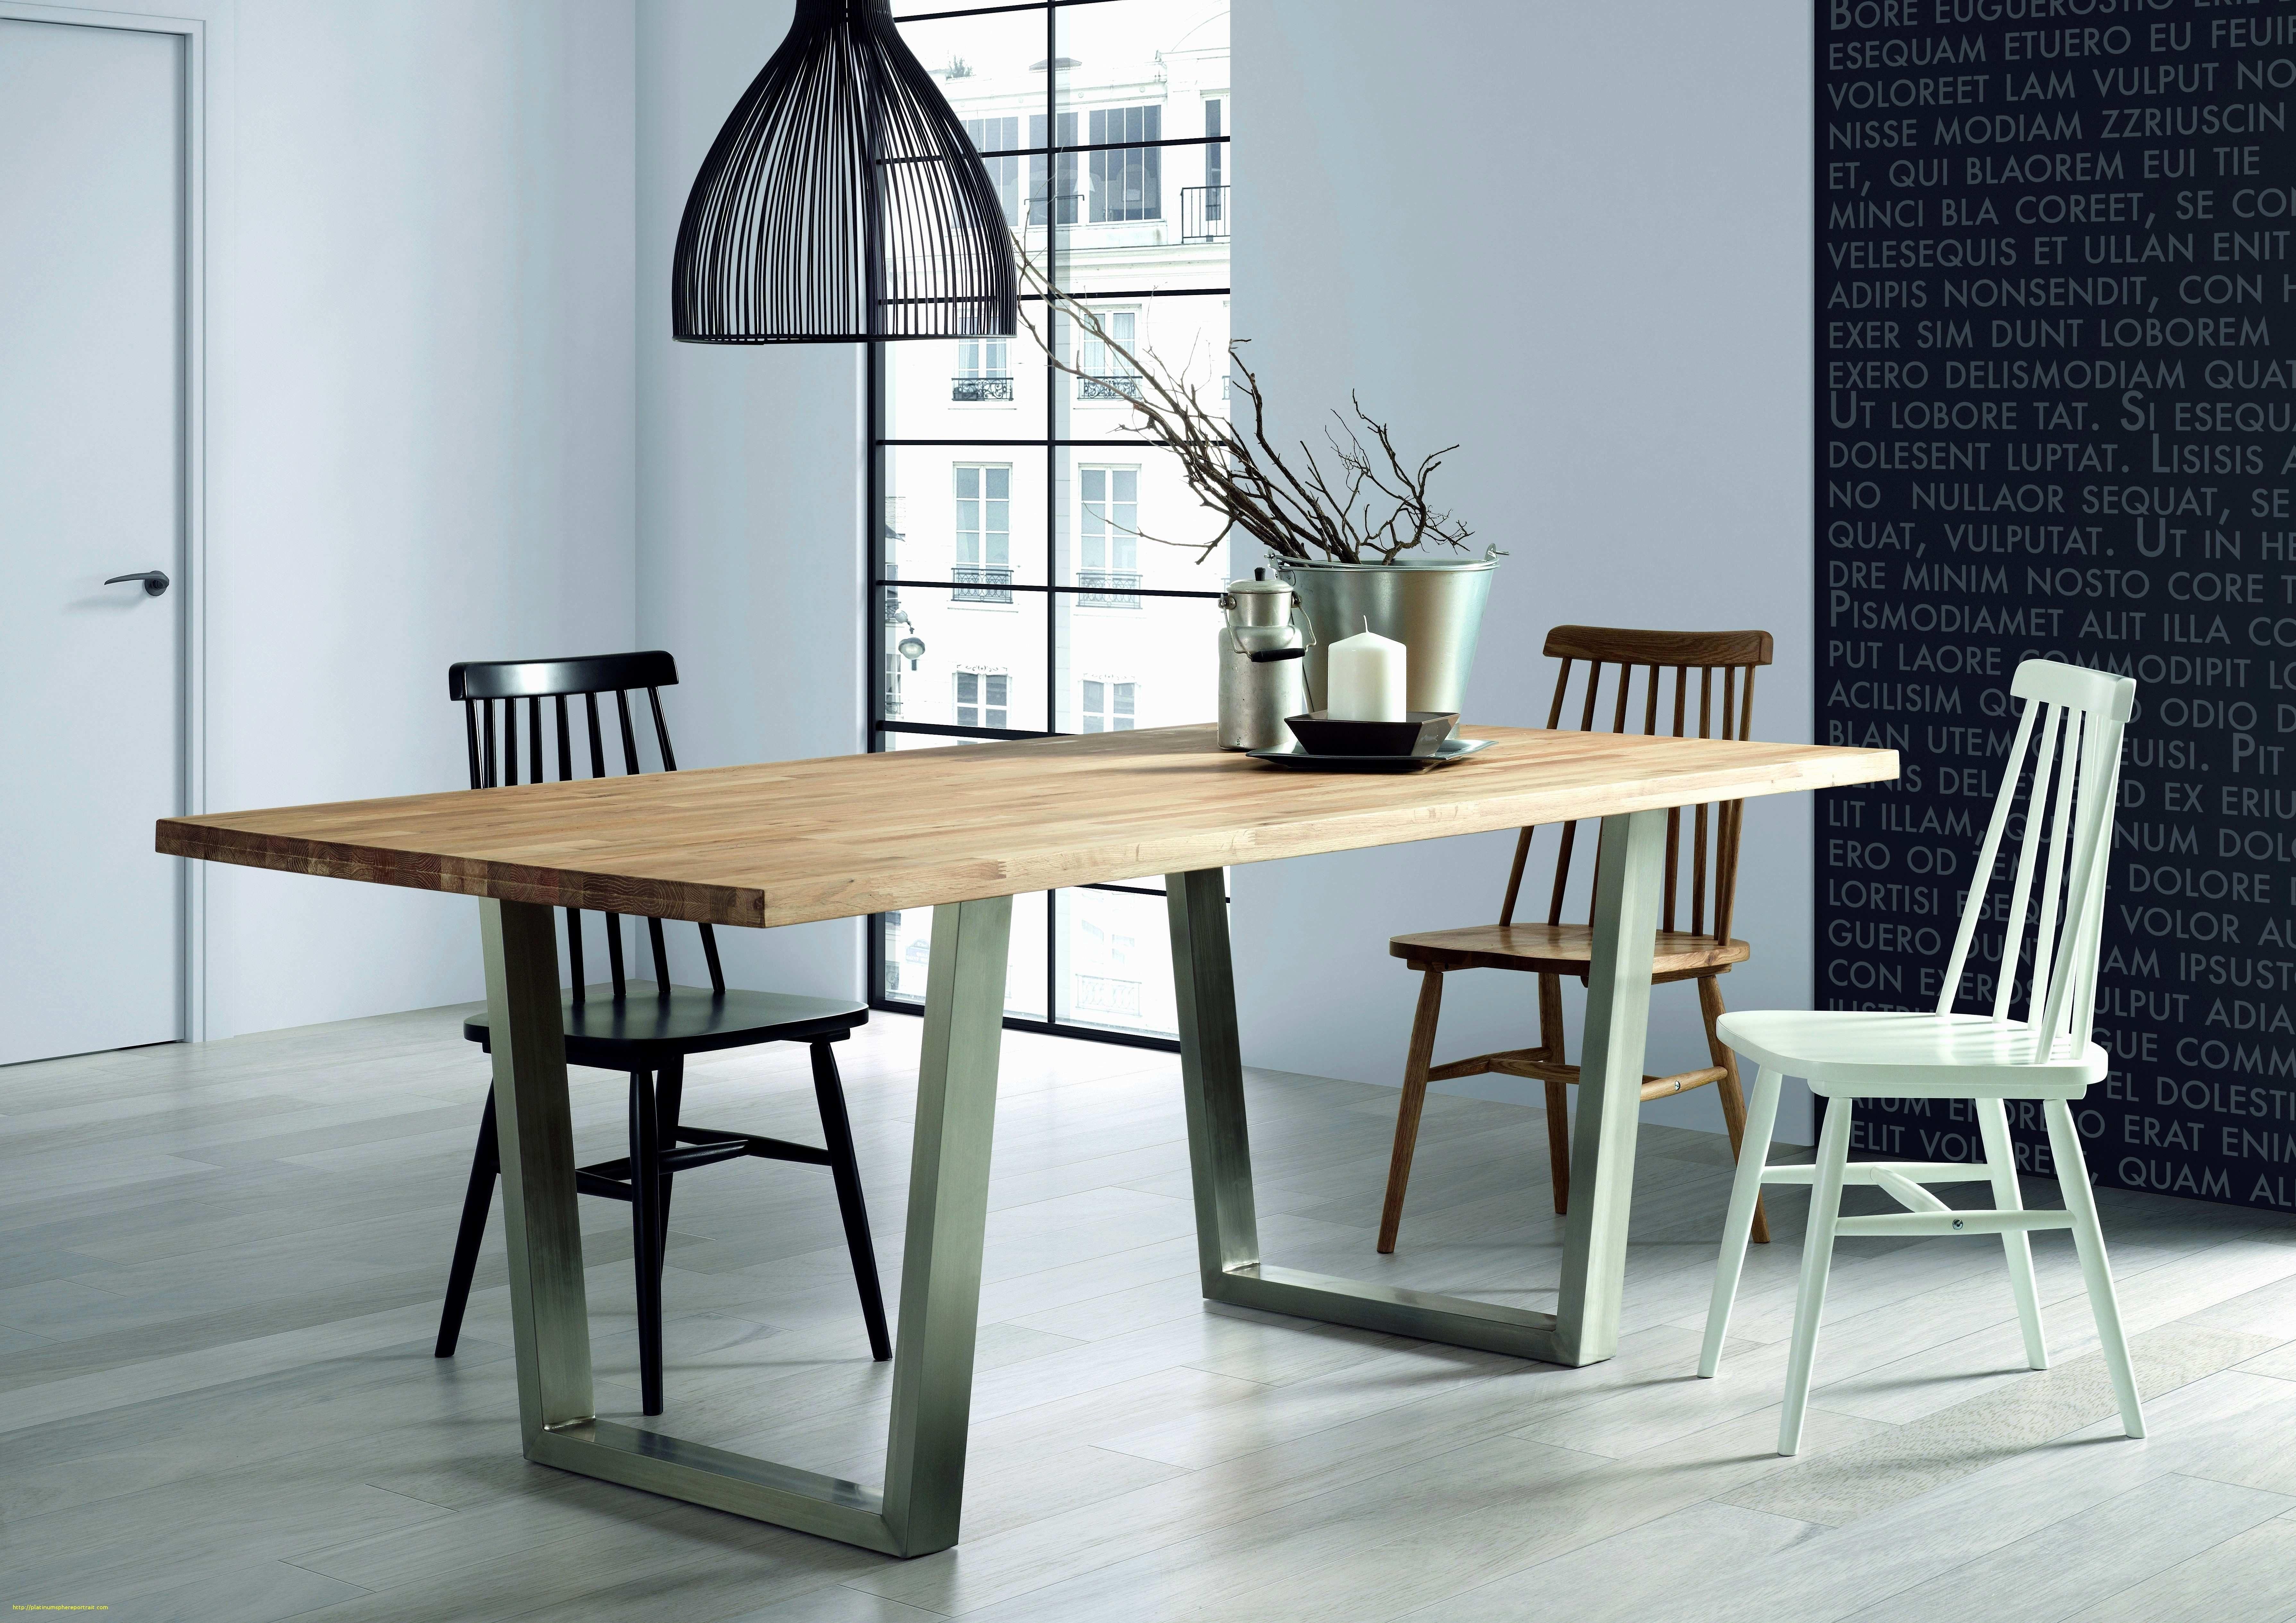 Repeindre Un Lit En Bois Beau source D Inspiration Peindre Table De Chevet Peindre Table En Bois